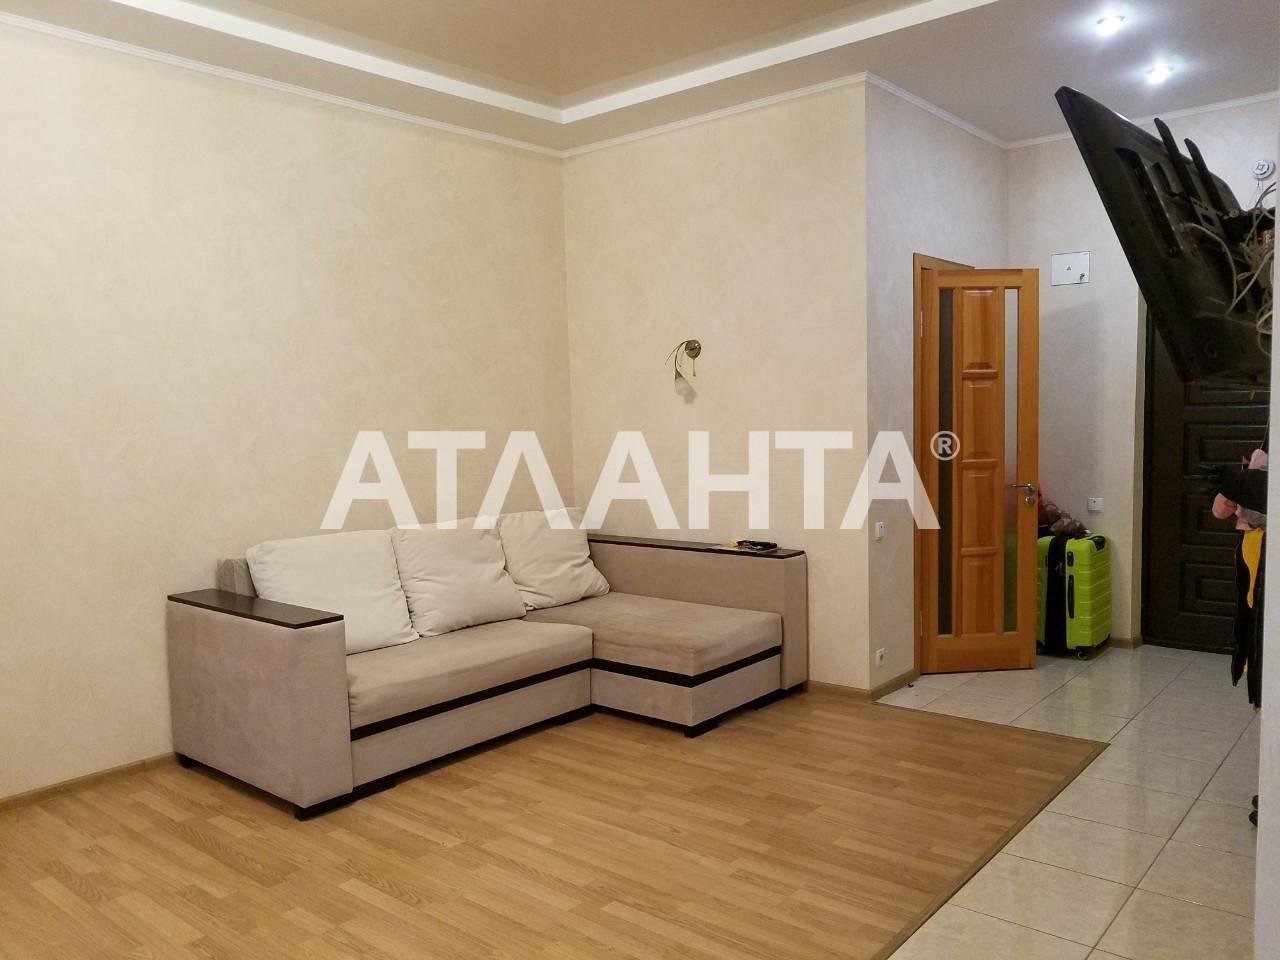 Продается 1-комнатная Квартира на ул. Жемчужная — 42 000 у.е. (фото №5)